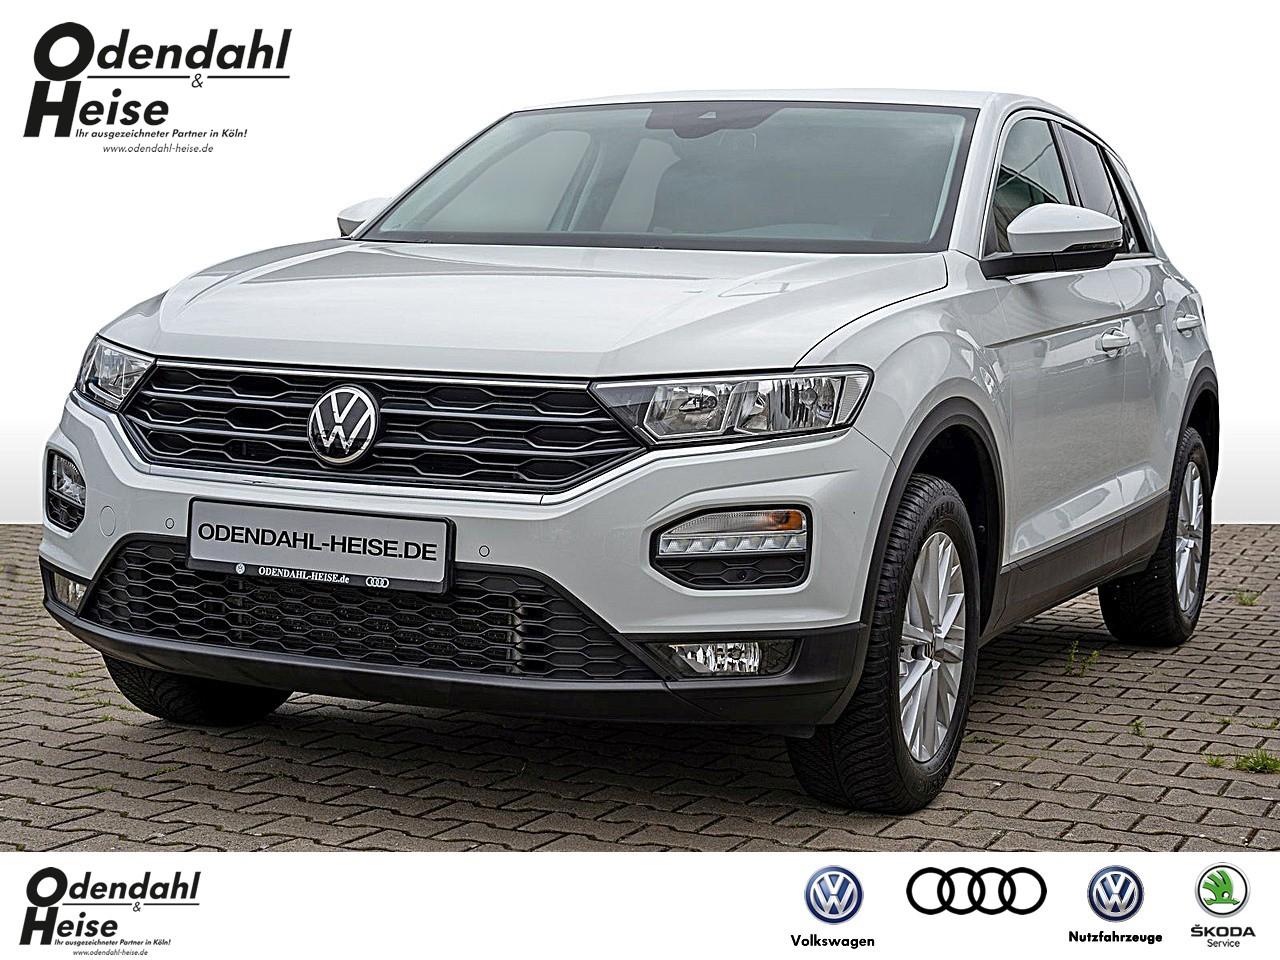 Volkswagen T-Roc 1.6 l TDI SCR 85 kW (115 PS) 6-Gang Klima, Jahr 2020, Diesel